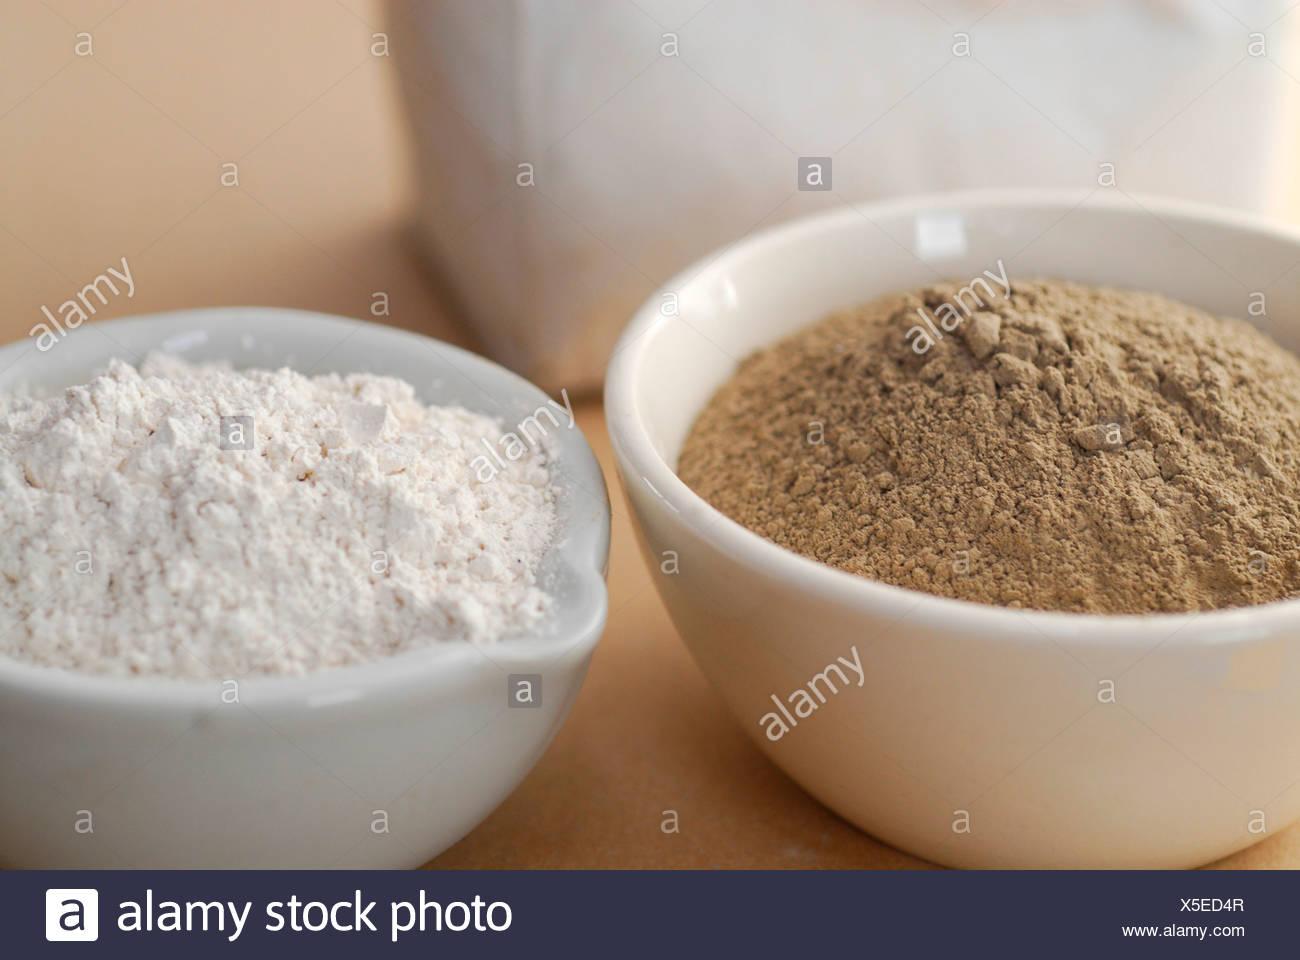 Argilla Ghassoul polvere prive di tensioattivo minerale nature alternativa al sapone e shampoo Immagini Stock